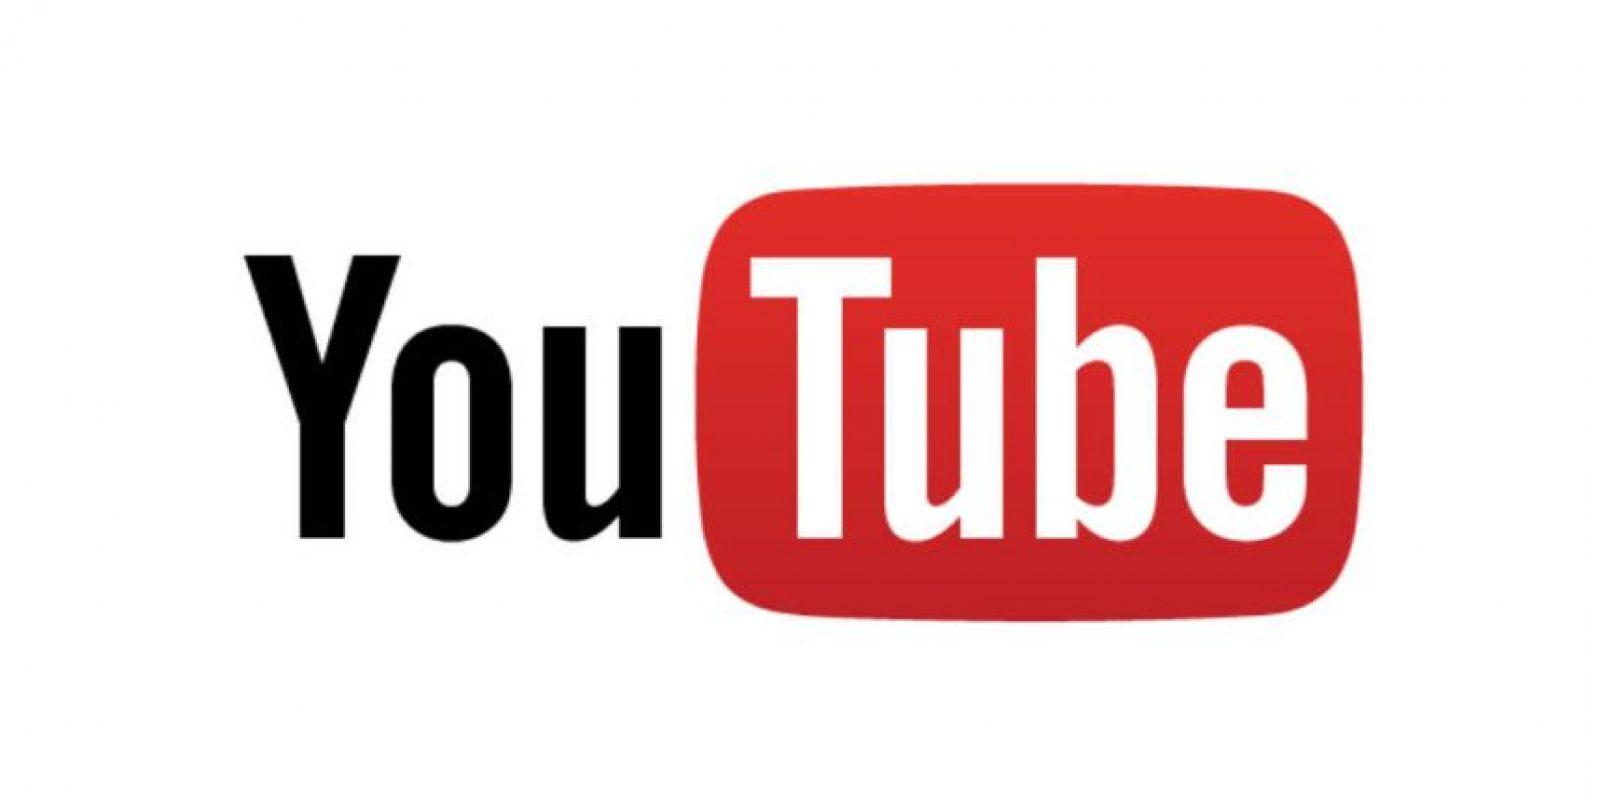 YouTube fue fundado en 2005. Foto:YouTube. Imagen Por: